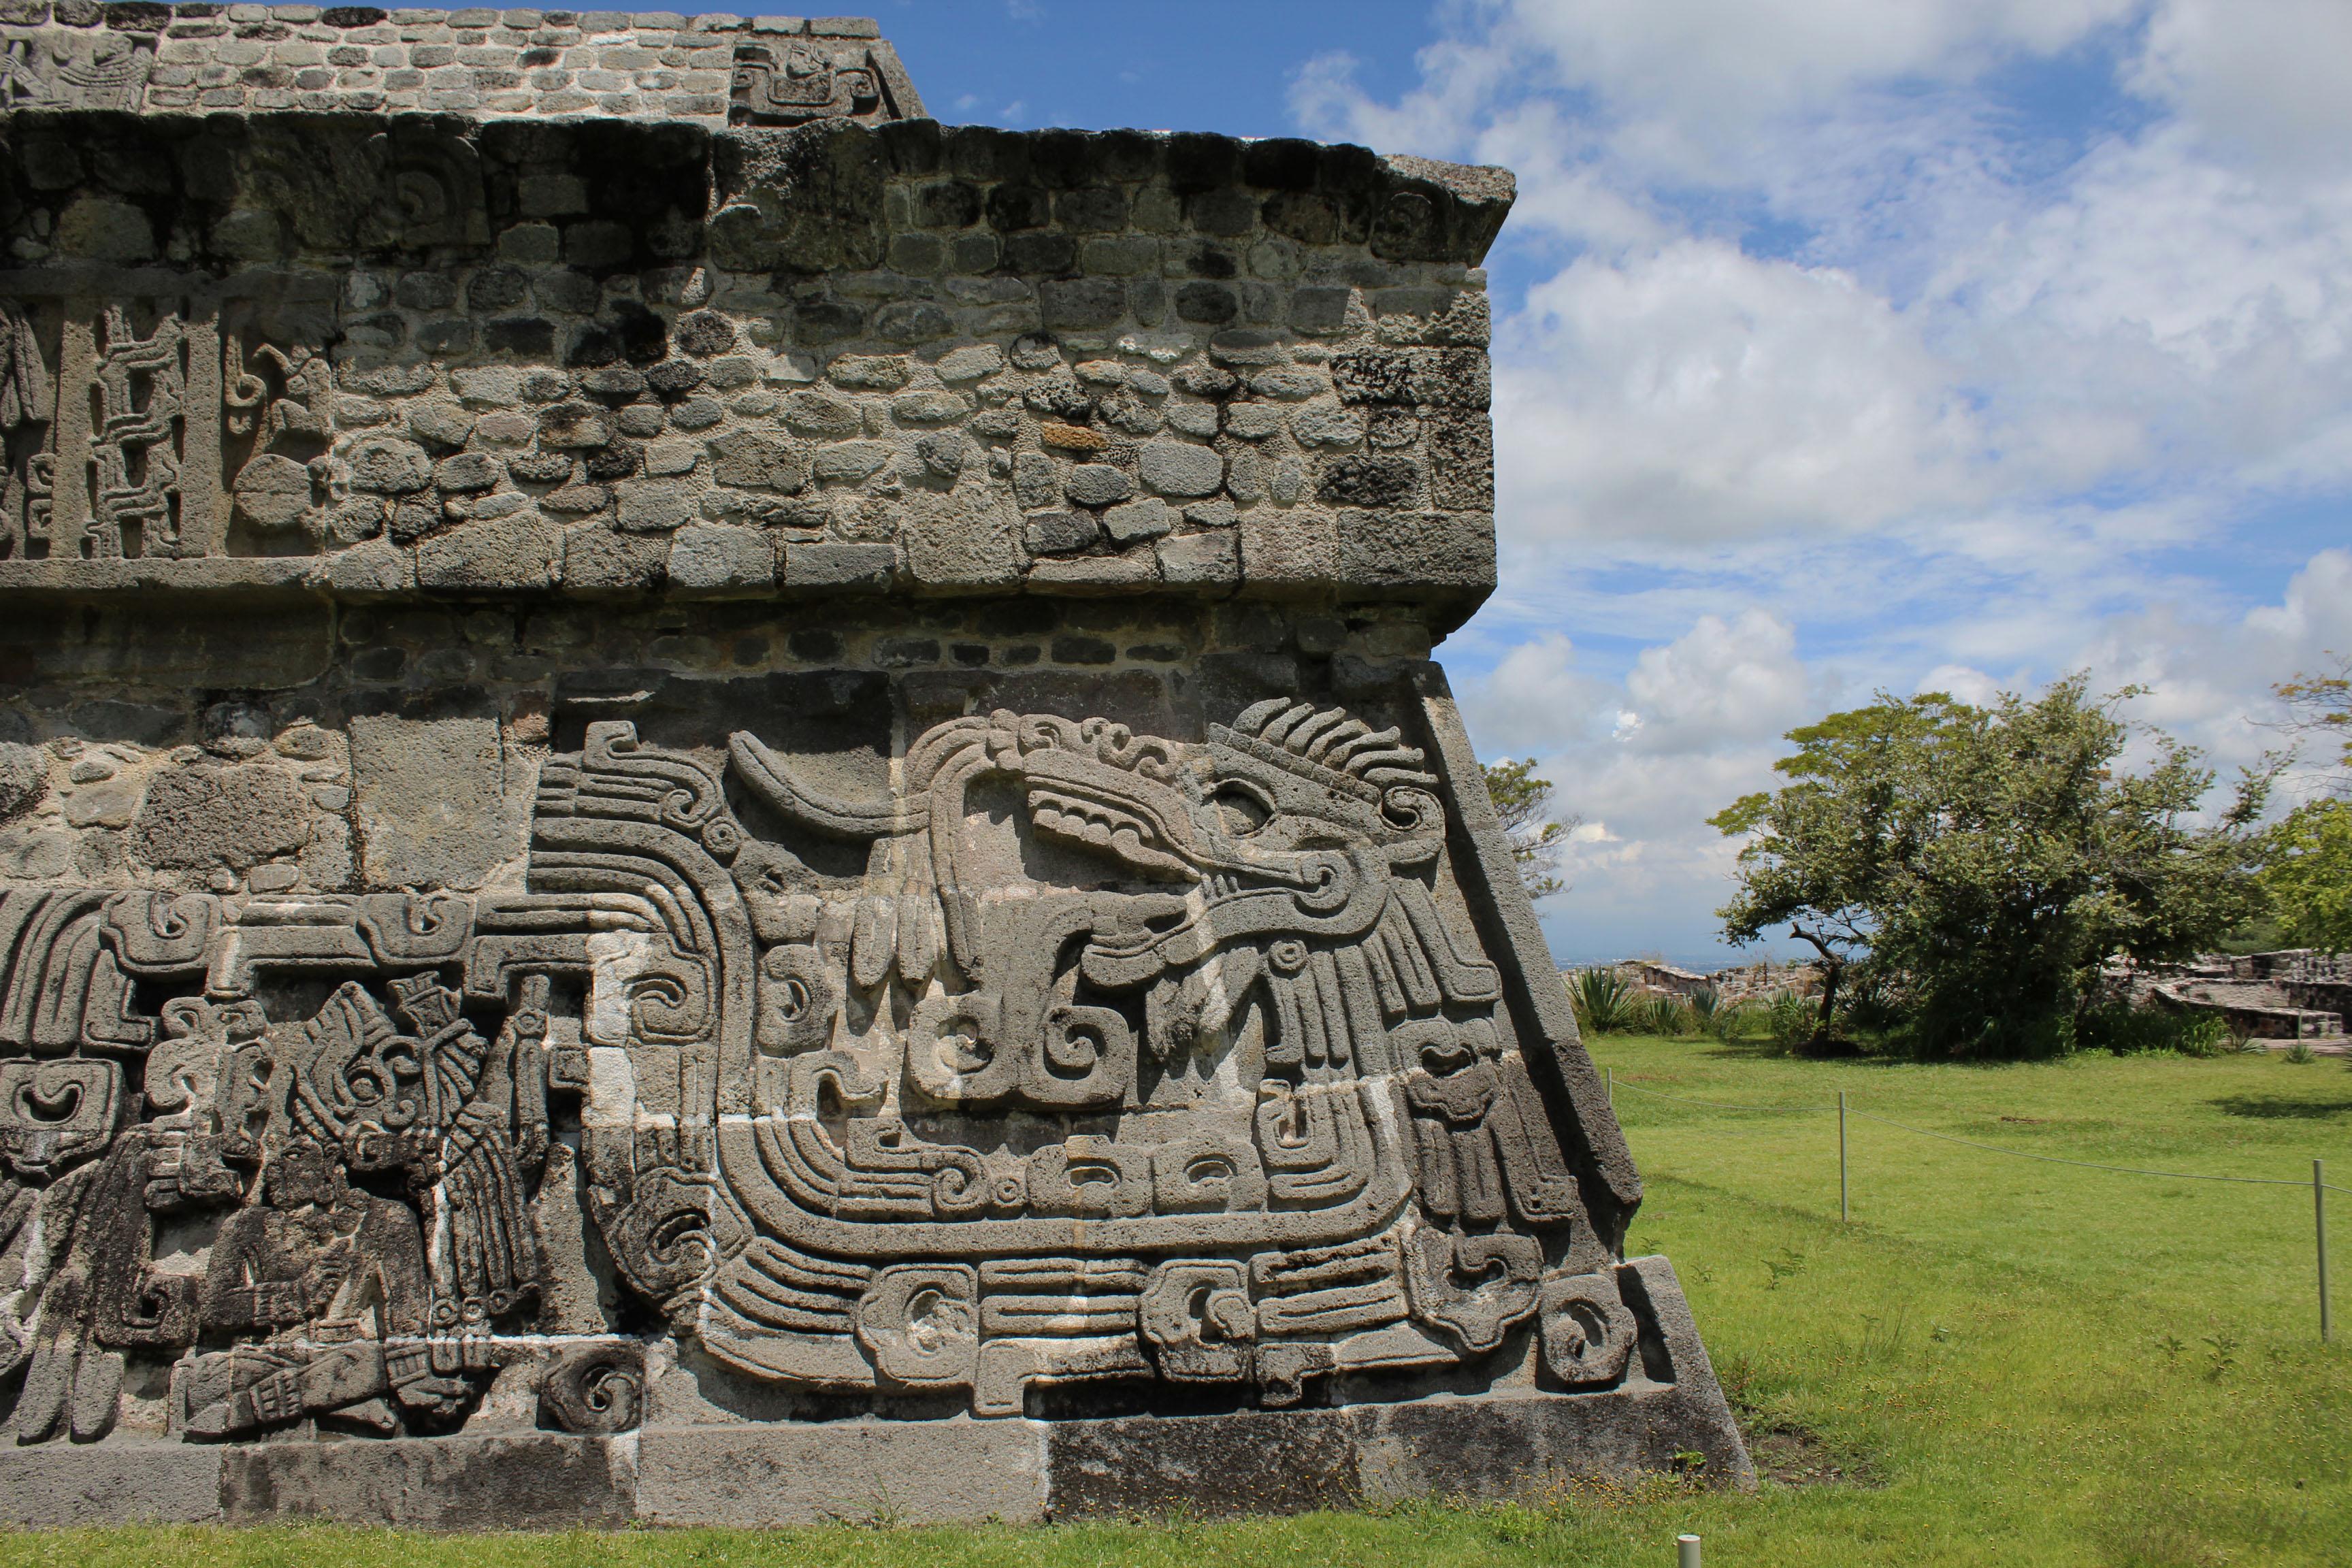 Zona arqueológica de Xochicalco a 40 minutos del lago de Tequesquitengo. La cuarta zona arqueológica más visitada del país.